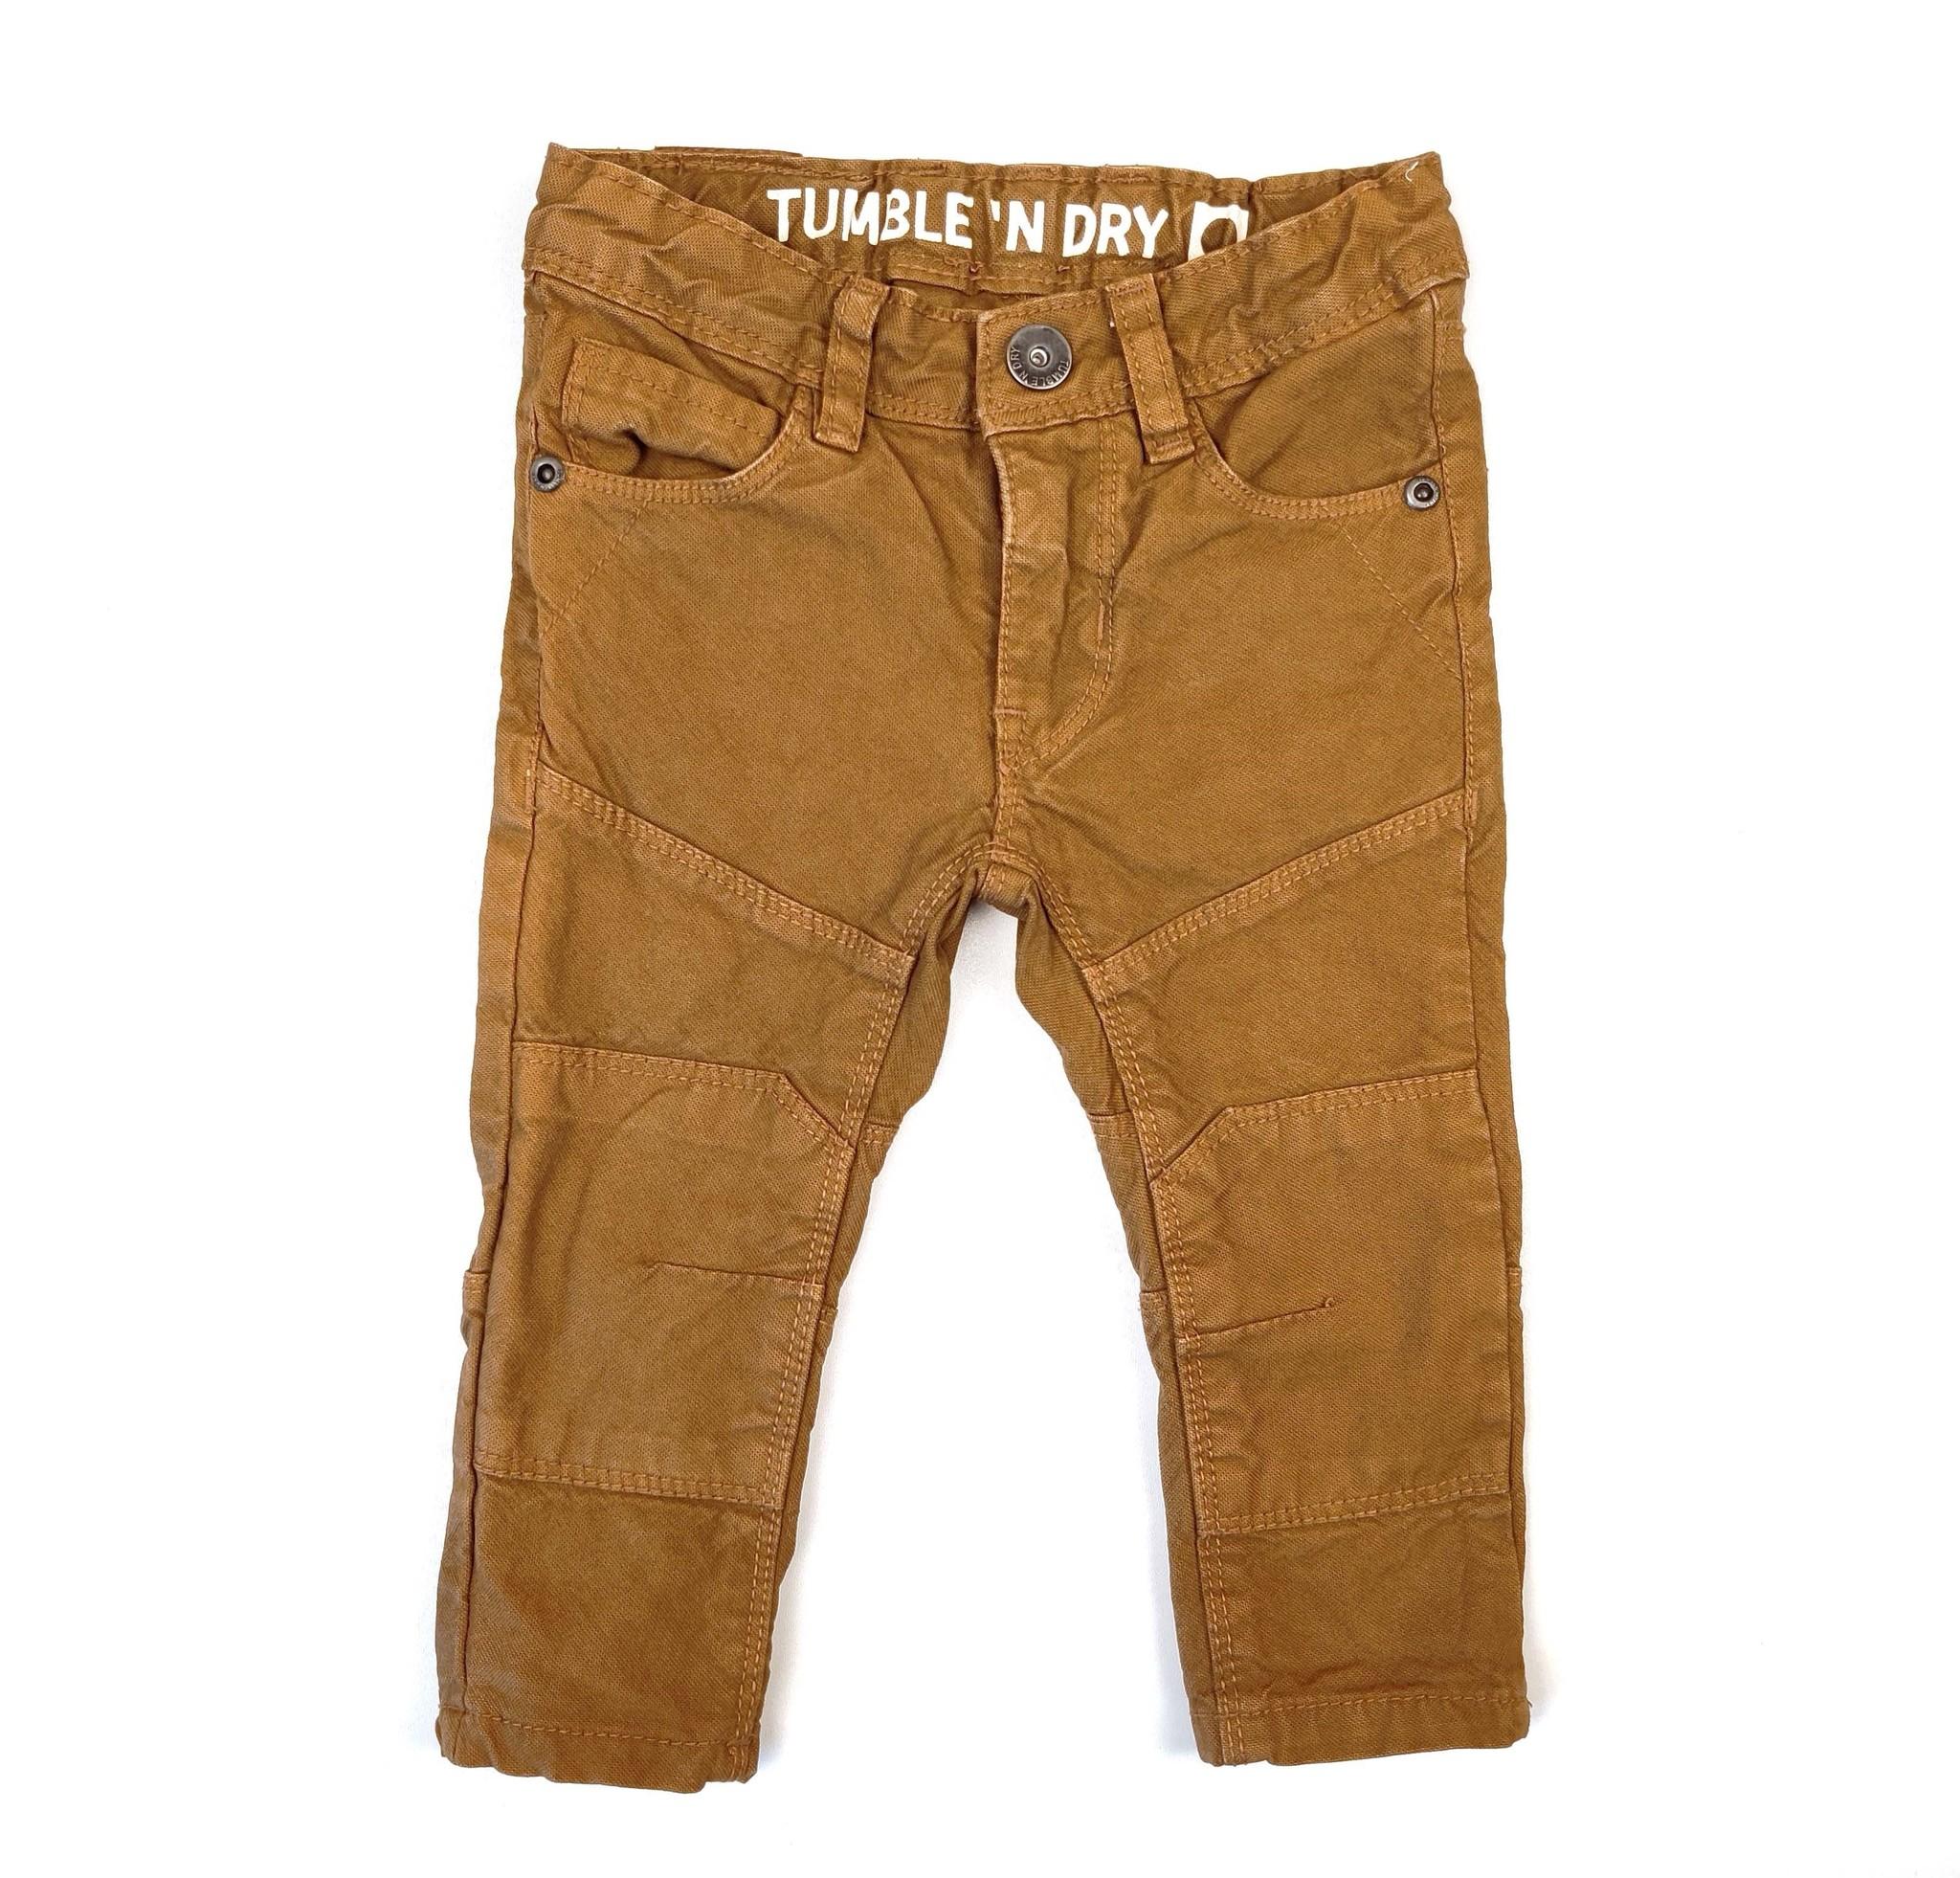 Broek Tumble 'n Dry-1